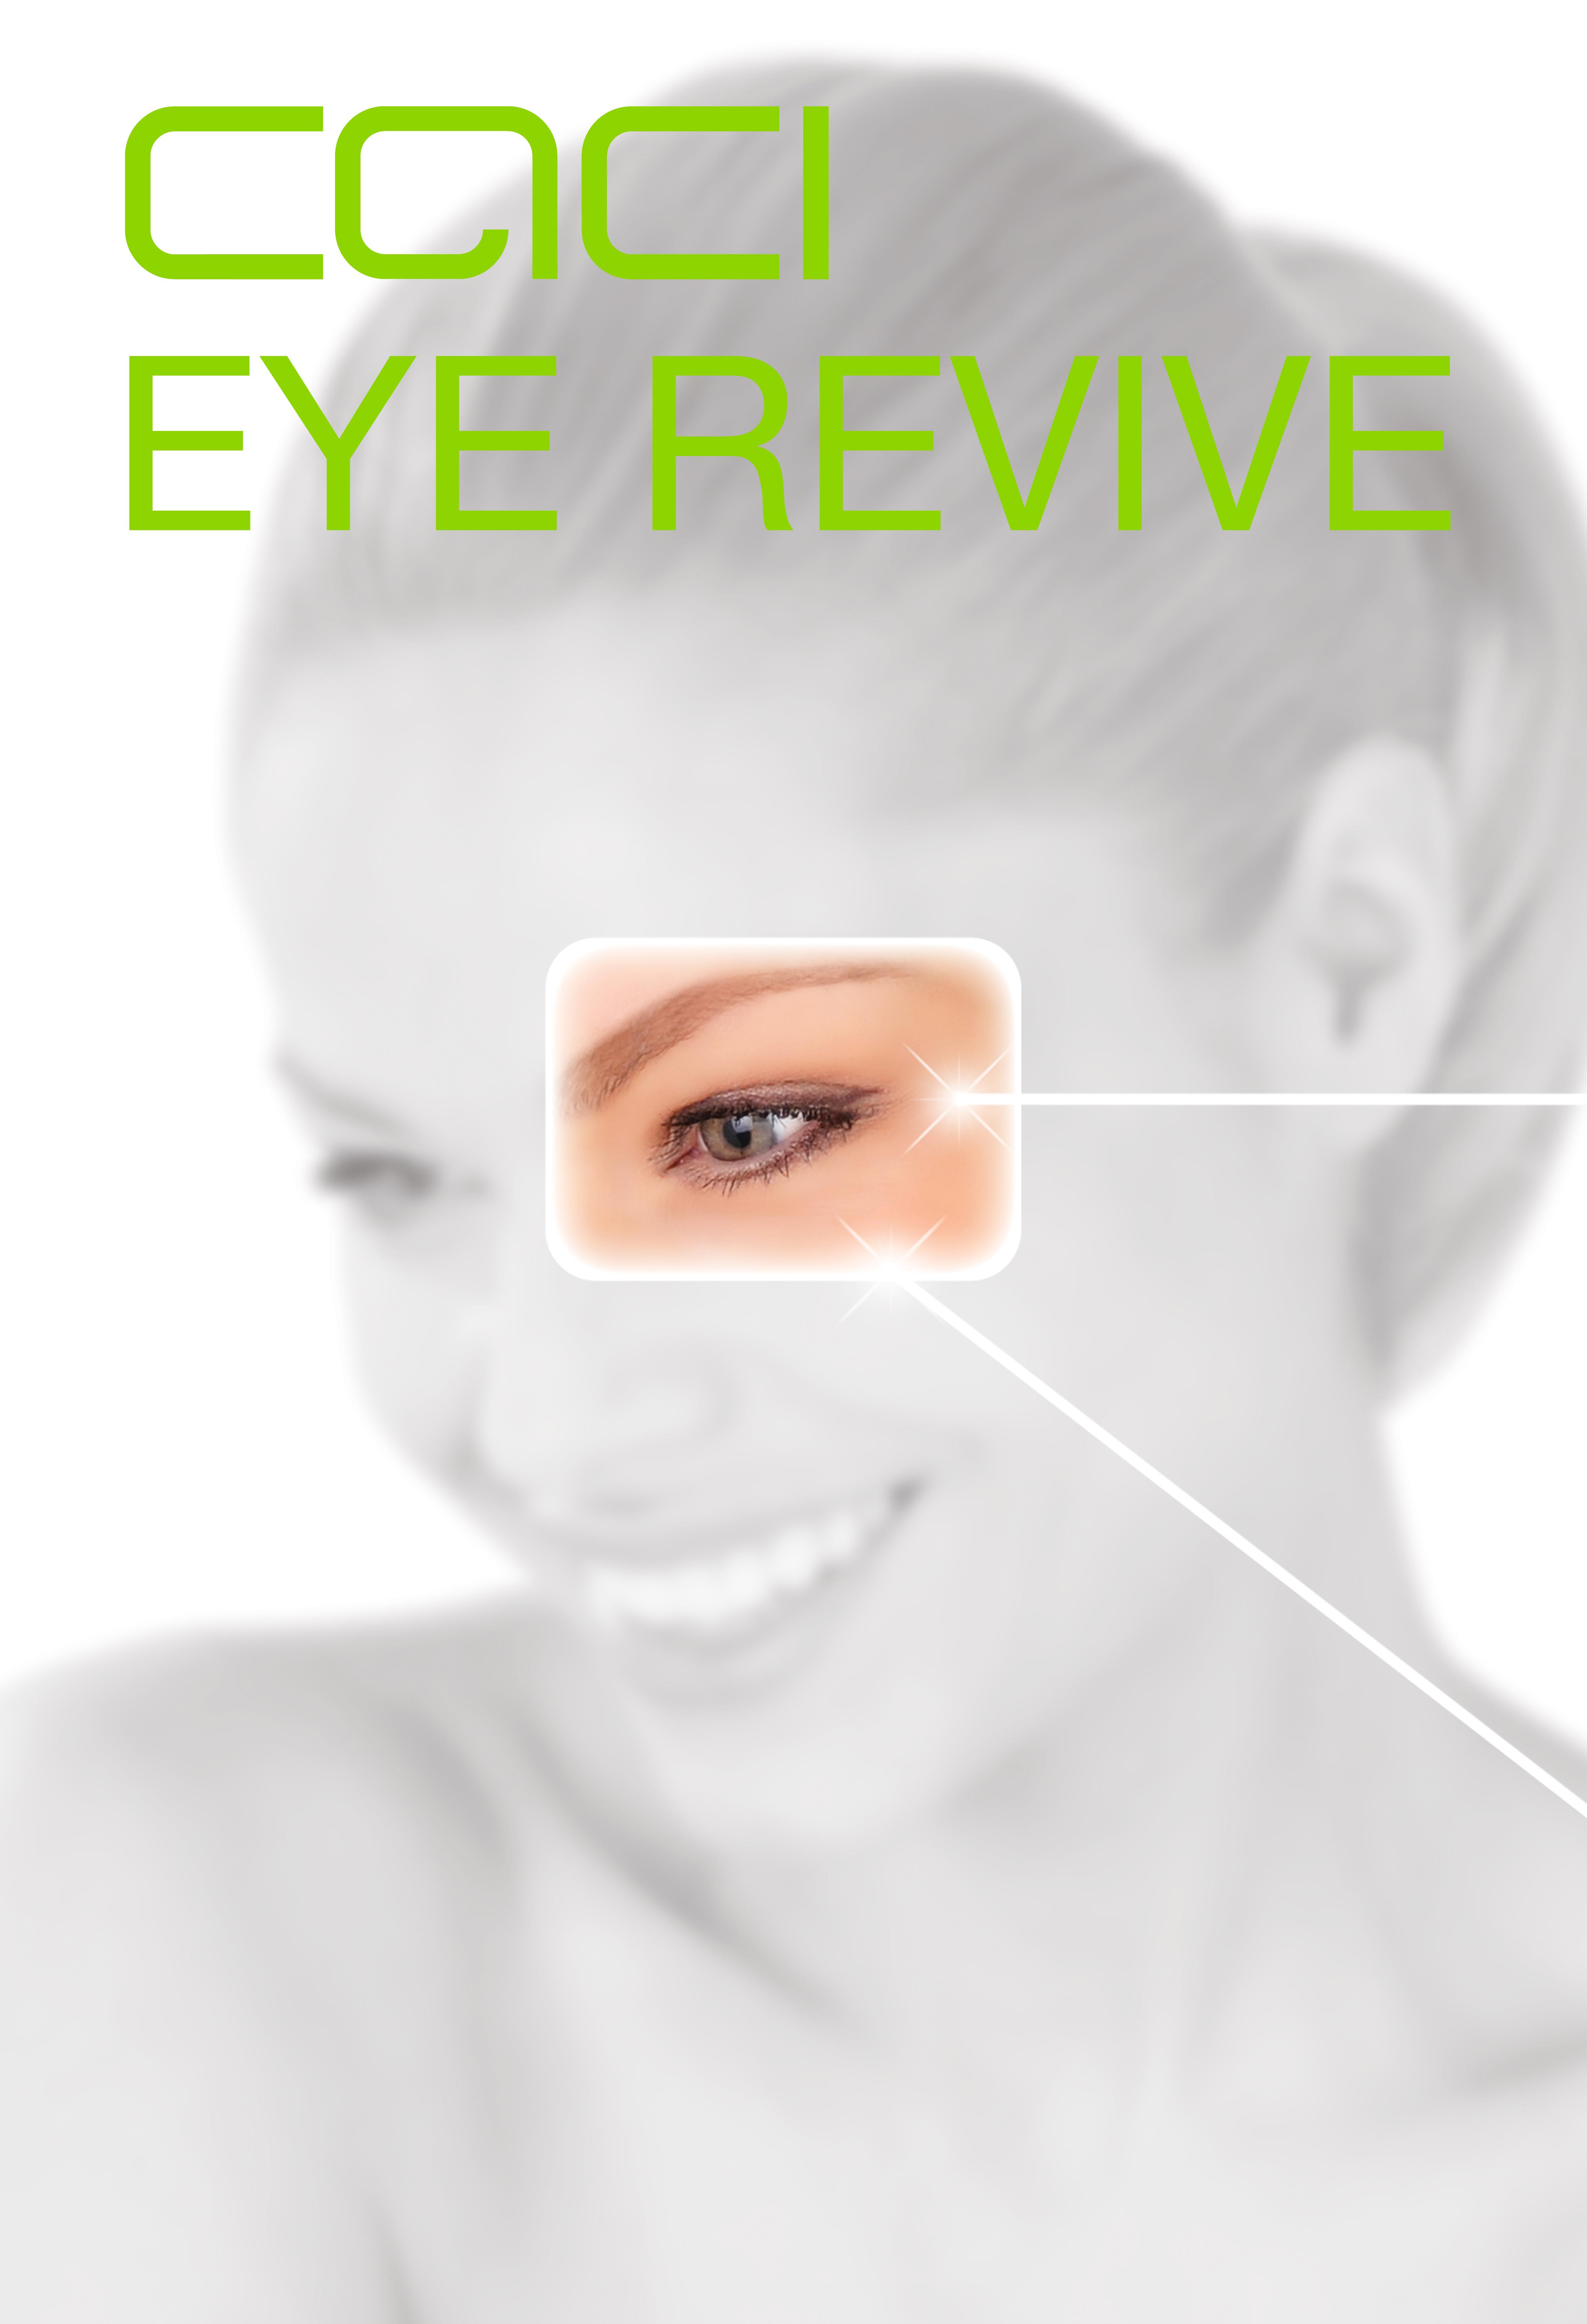 Eye Revive-Eye Target copy